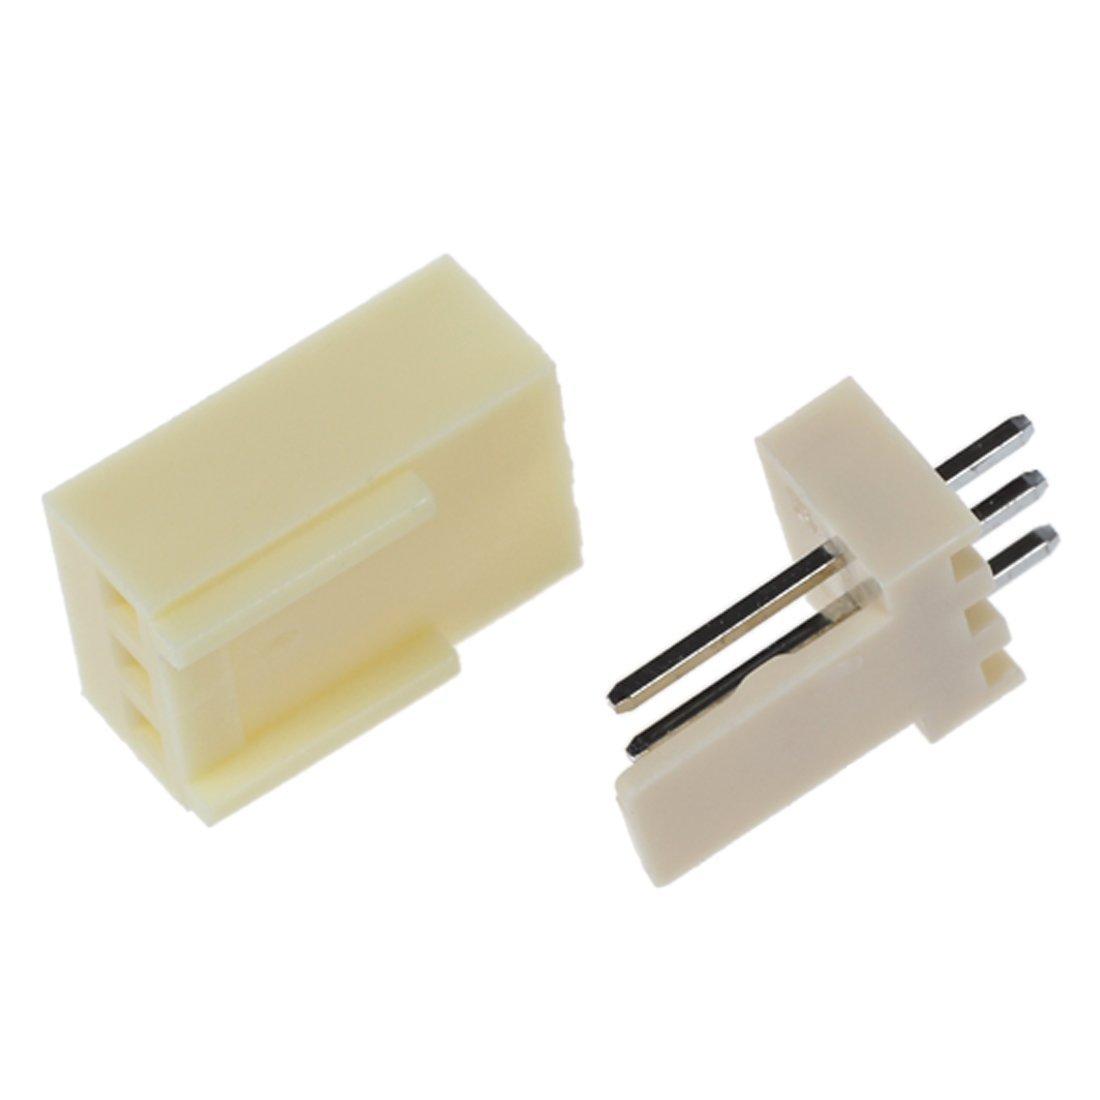 50Stueck KF2510-3P 2,54 mm PCB Header-3Pin Anschluss Crimp Terminal Housing R Anschluss stecker SODIAL